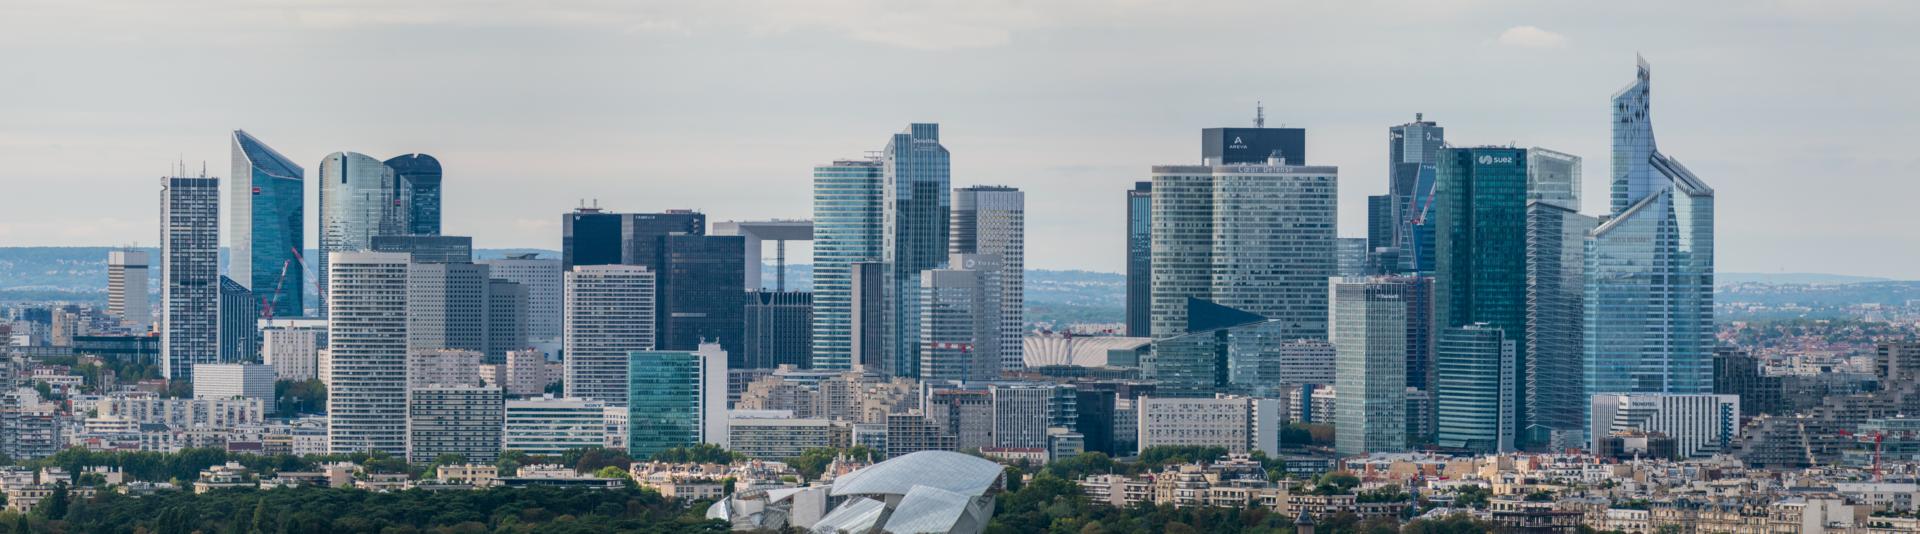 Buildings - La Défense - Paris - Gratte-ciel - SchoolMouv - Géographie - CM1